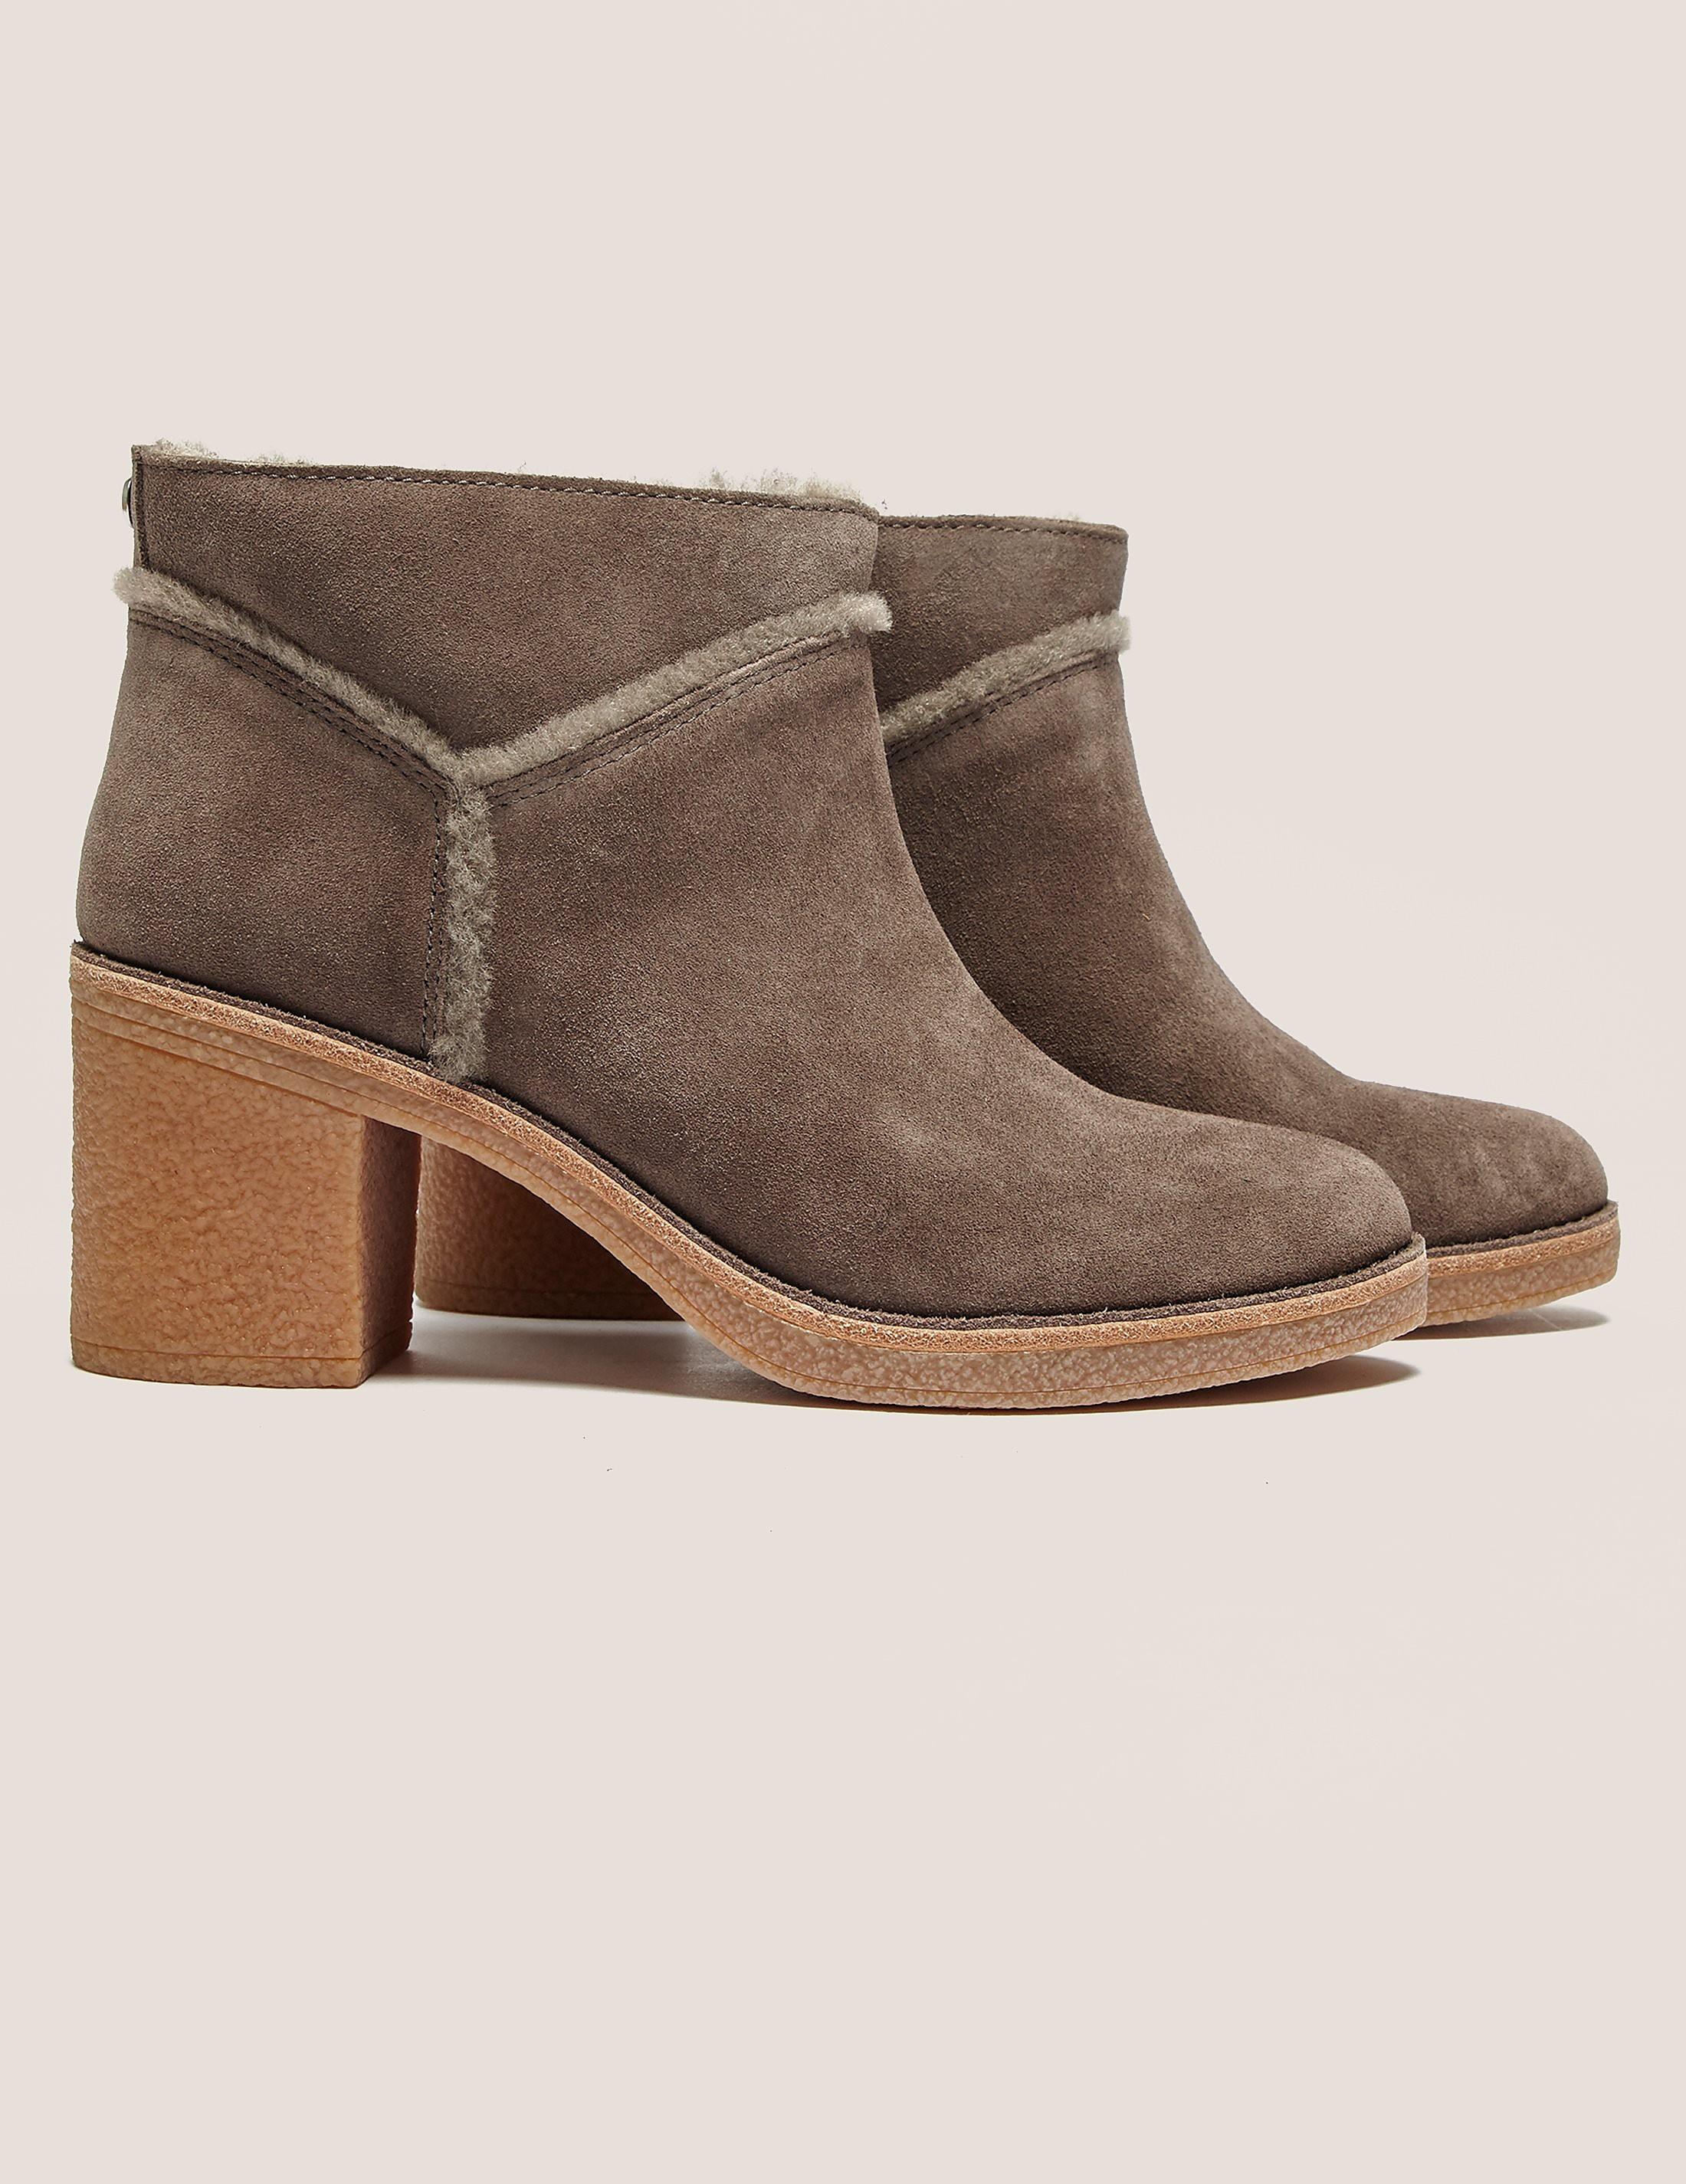 UGG Kasen Ankle Boot